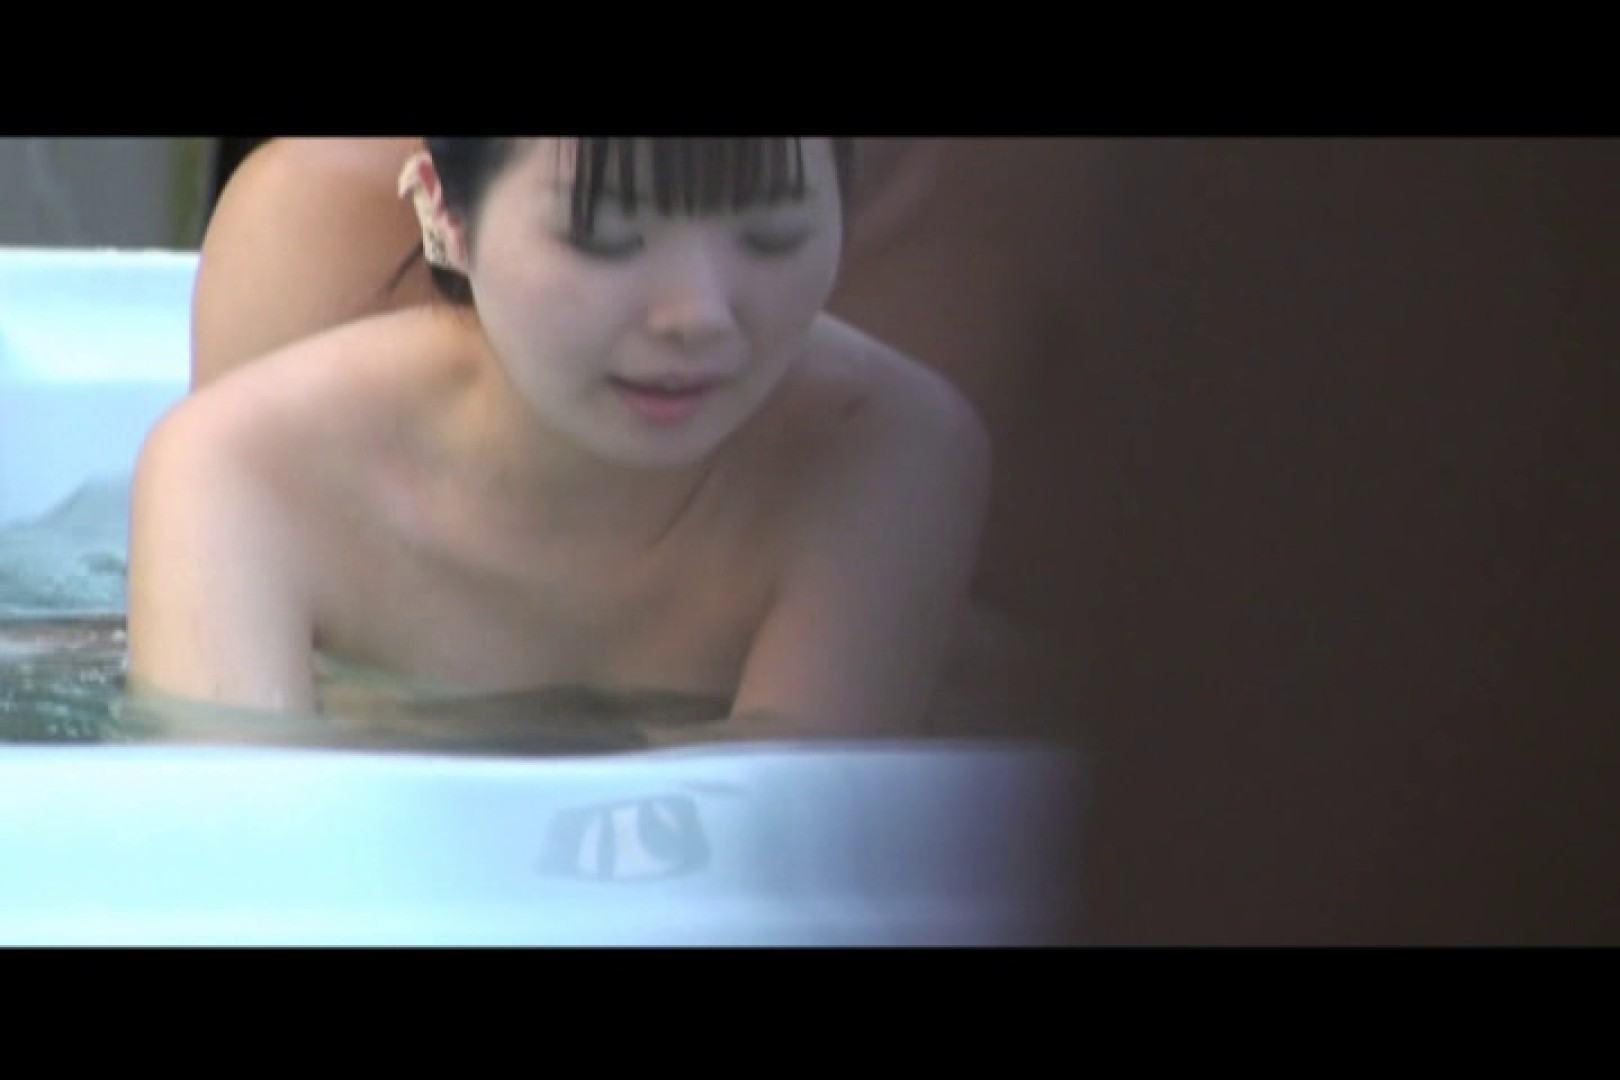 貸切露天 発情カップル! vol.09 OLの実態 | 潜伏露天風呂  34pic 31